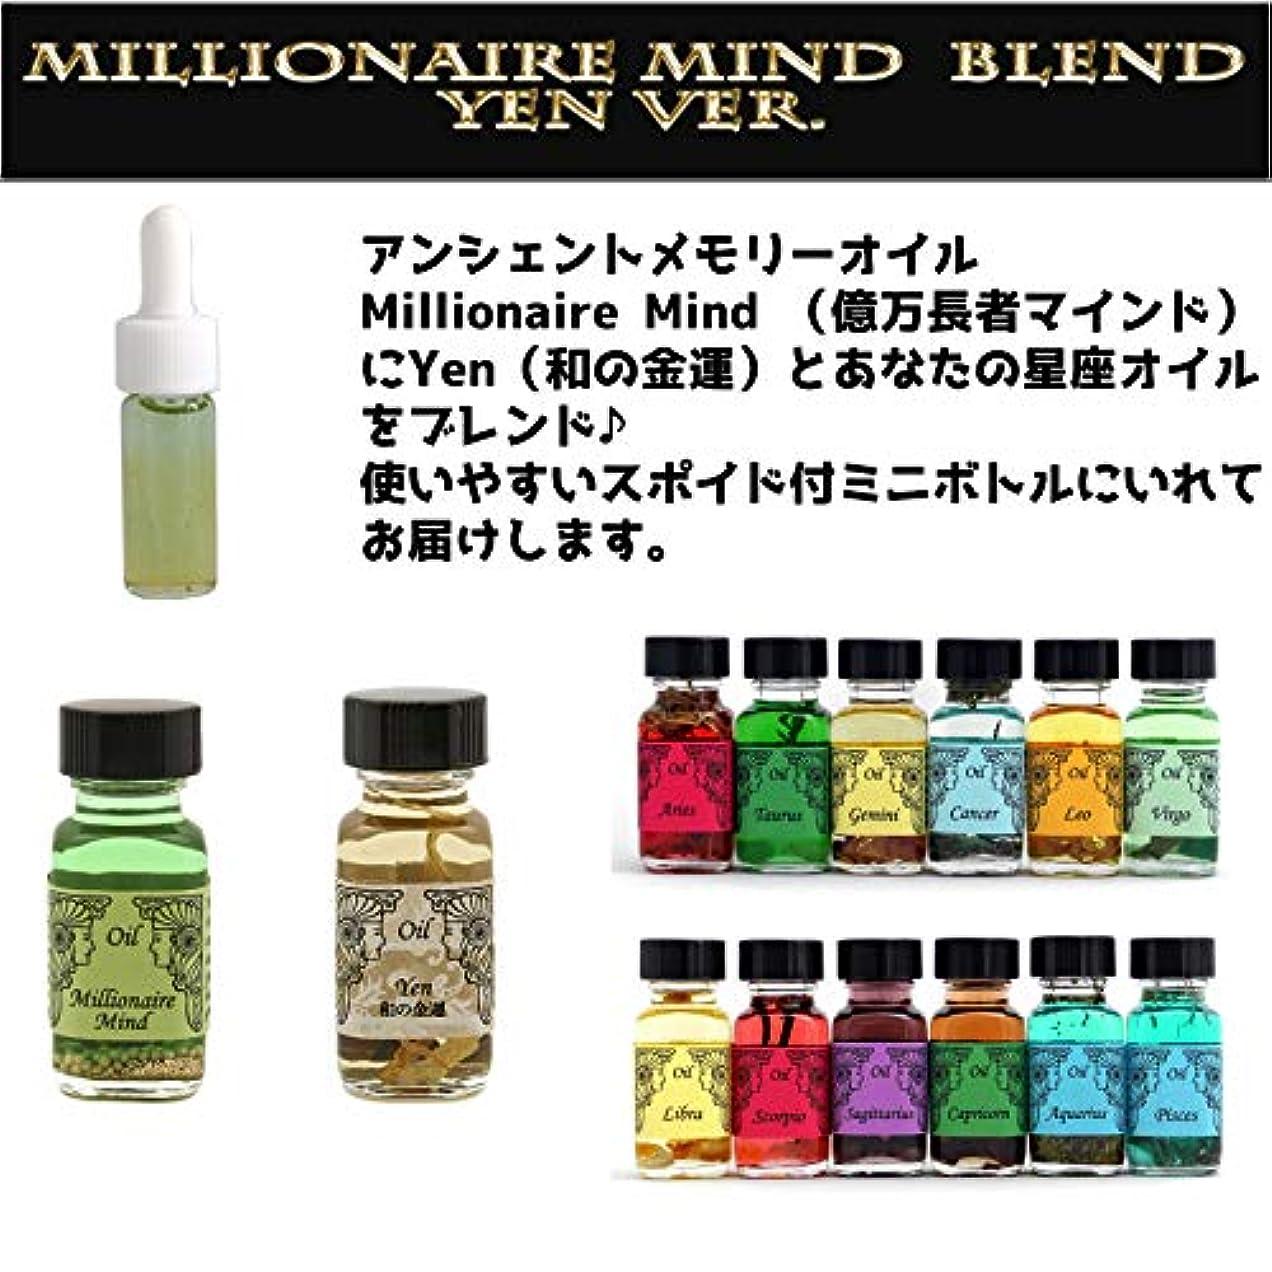 ラジカル計算する毛細血管アンシェントメモリーオイル Millionaire Mind 億万長者マインド ブレンド【Yen 和の金運&おうし座】